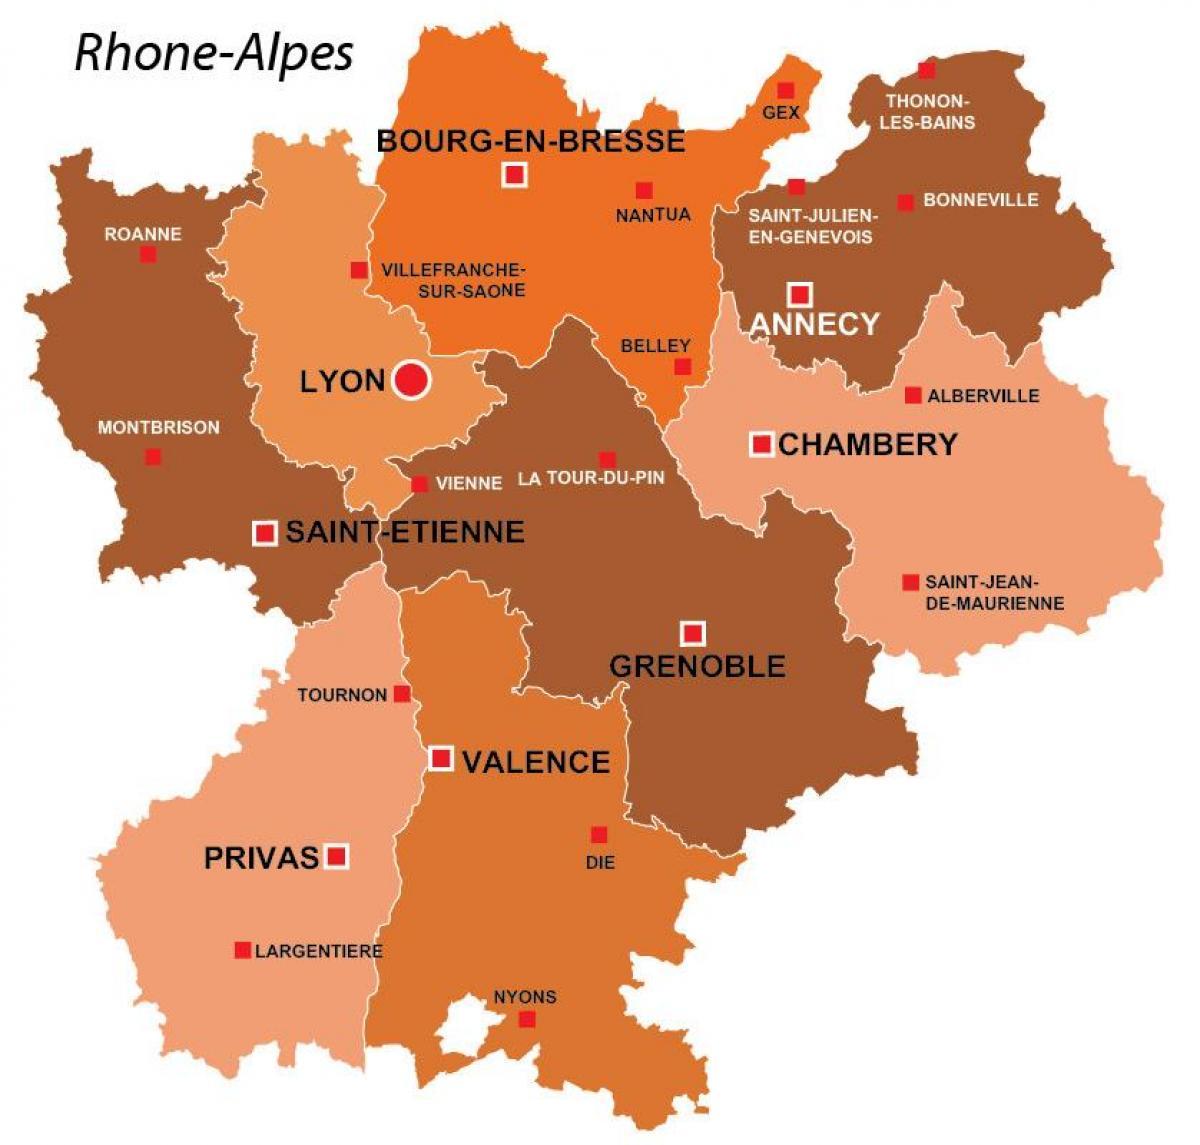 karta frankrike lyon Lyon regionen karta   Lyon regionen i frankrike karta (Auvergne  karta frankrike lyon